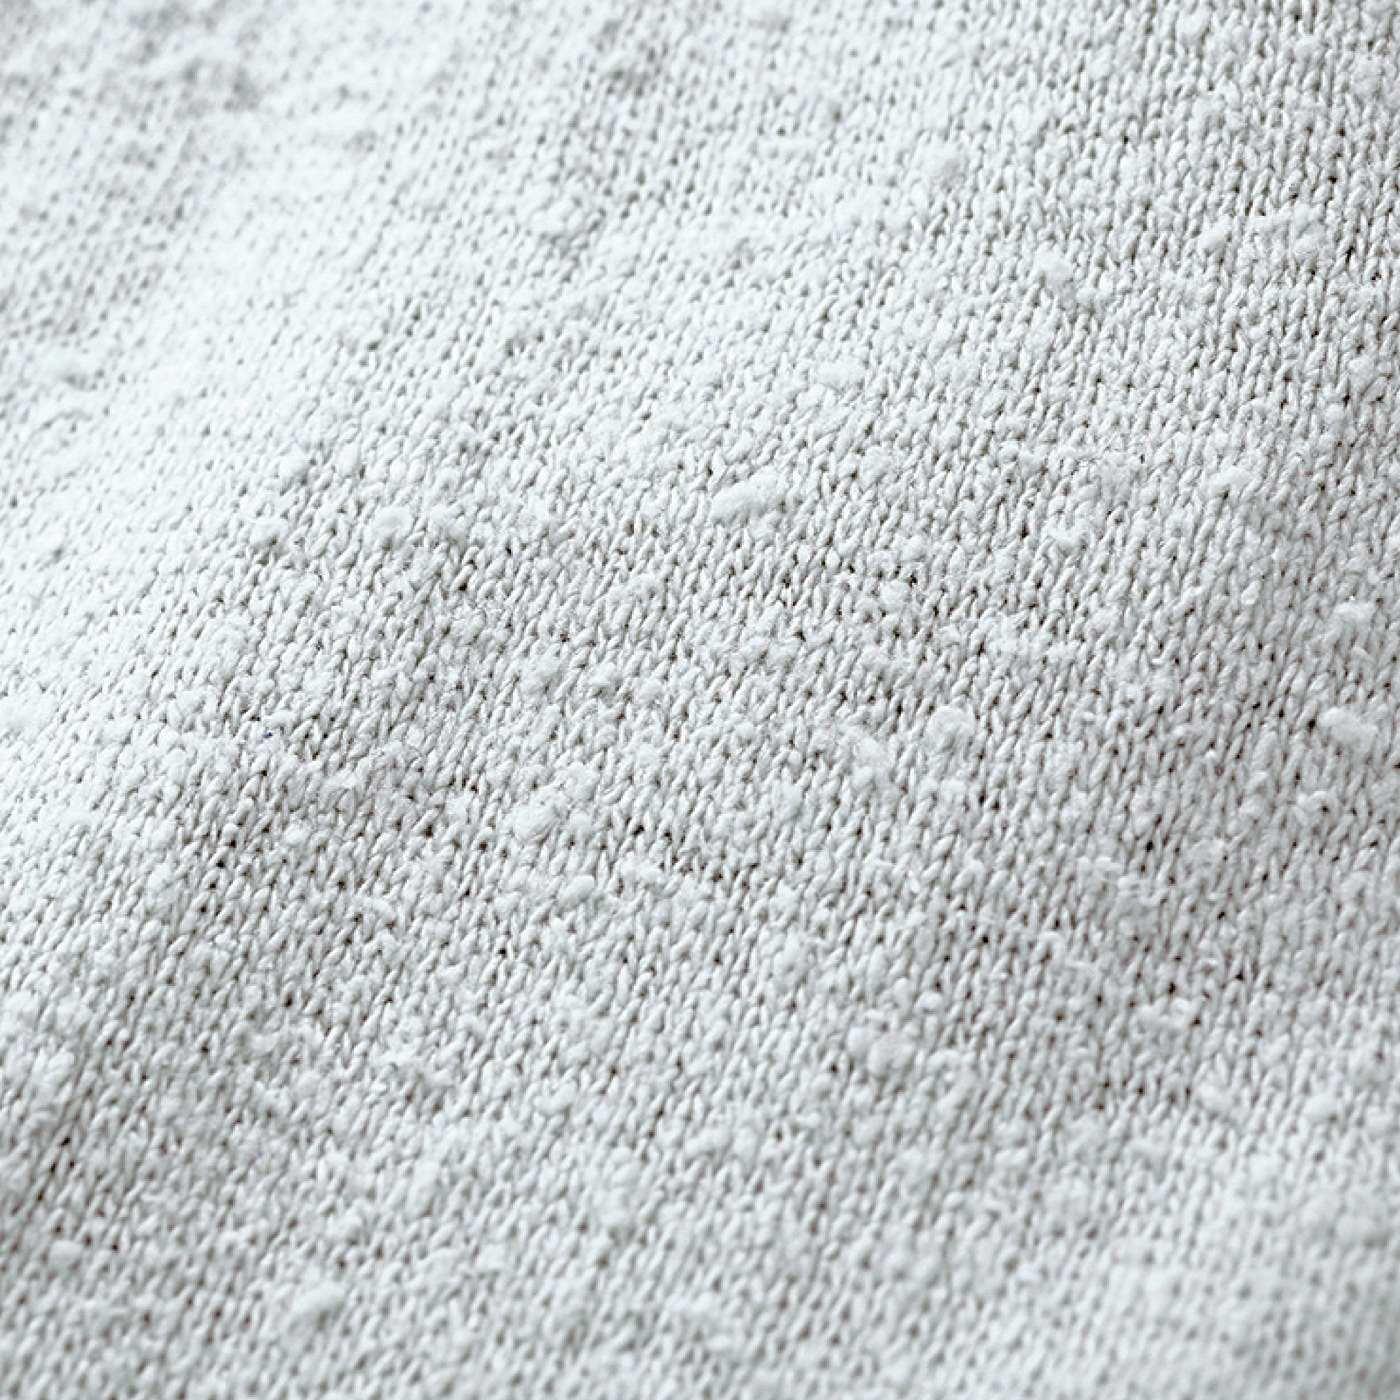 ふんわり空気を含む太めのシルク「紬糸(ちゅうし)」